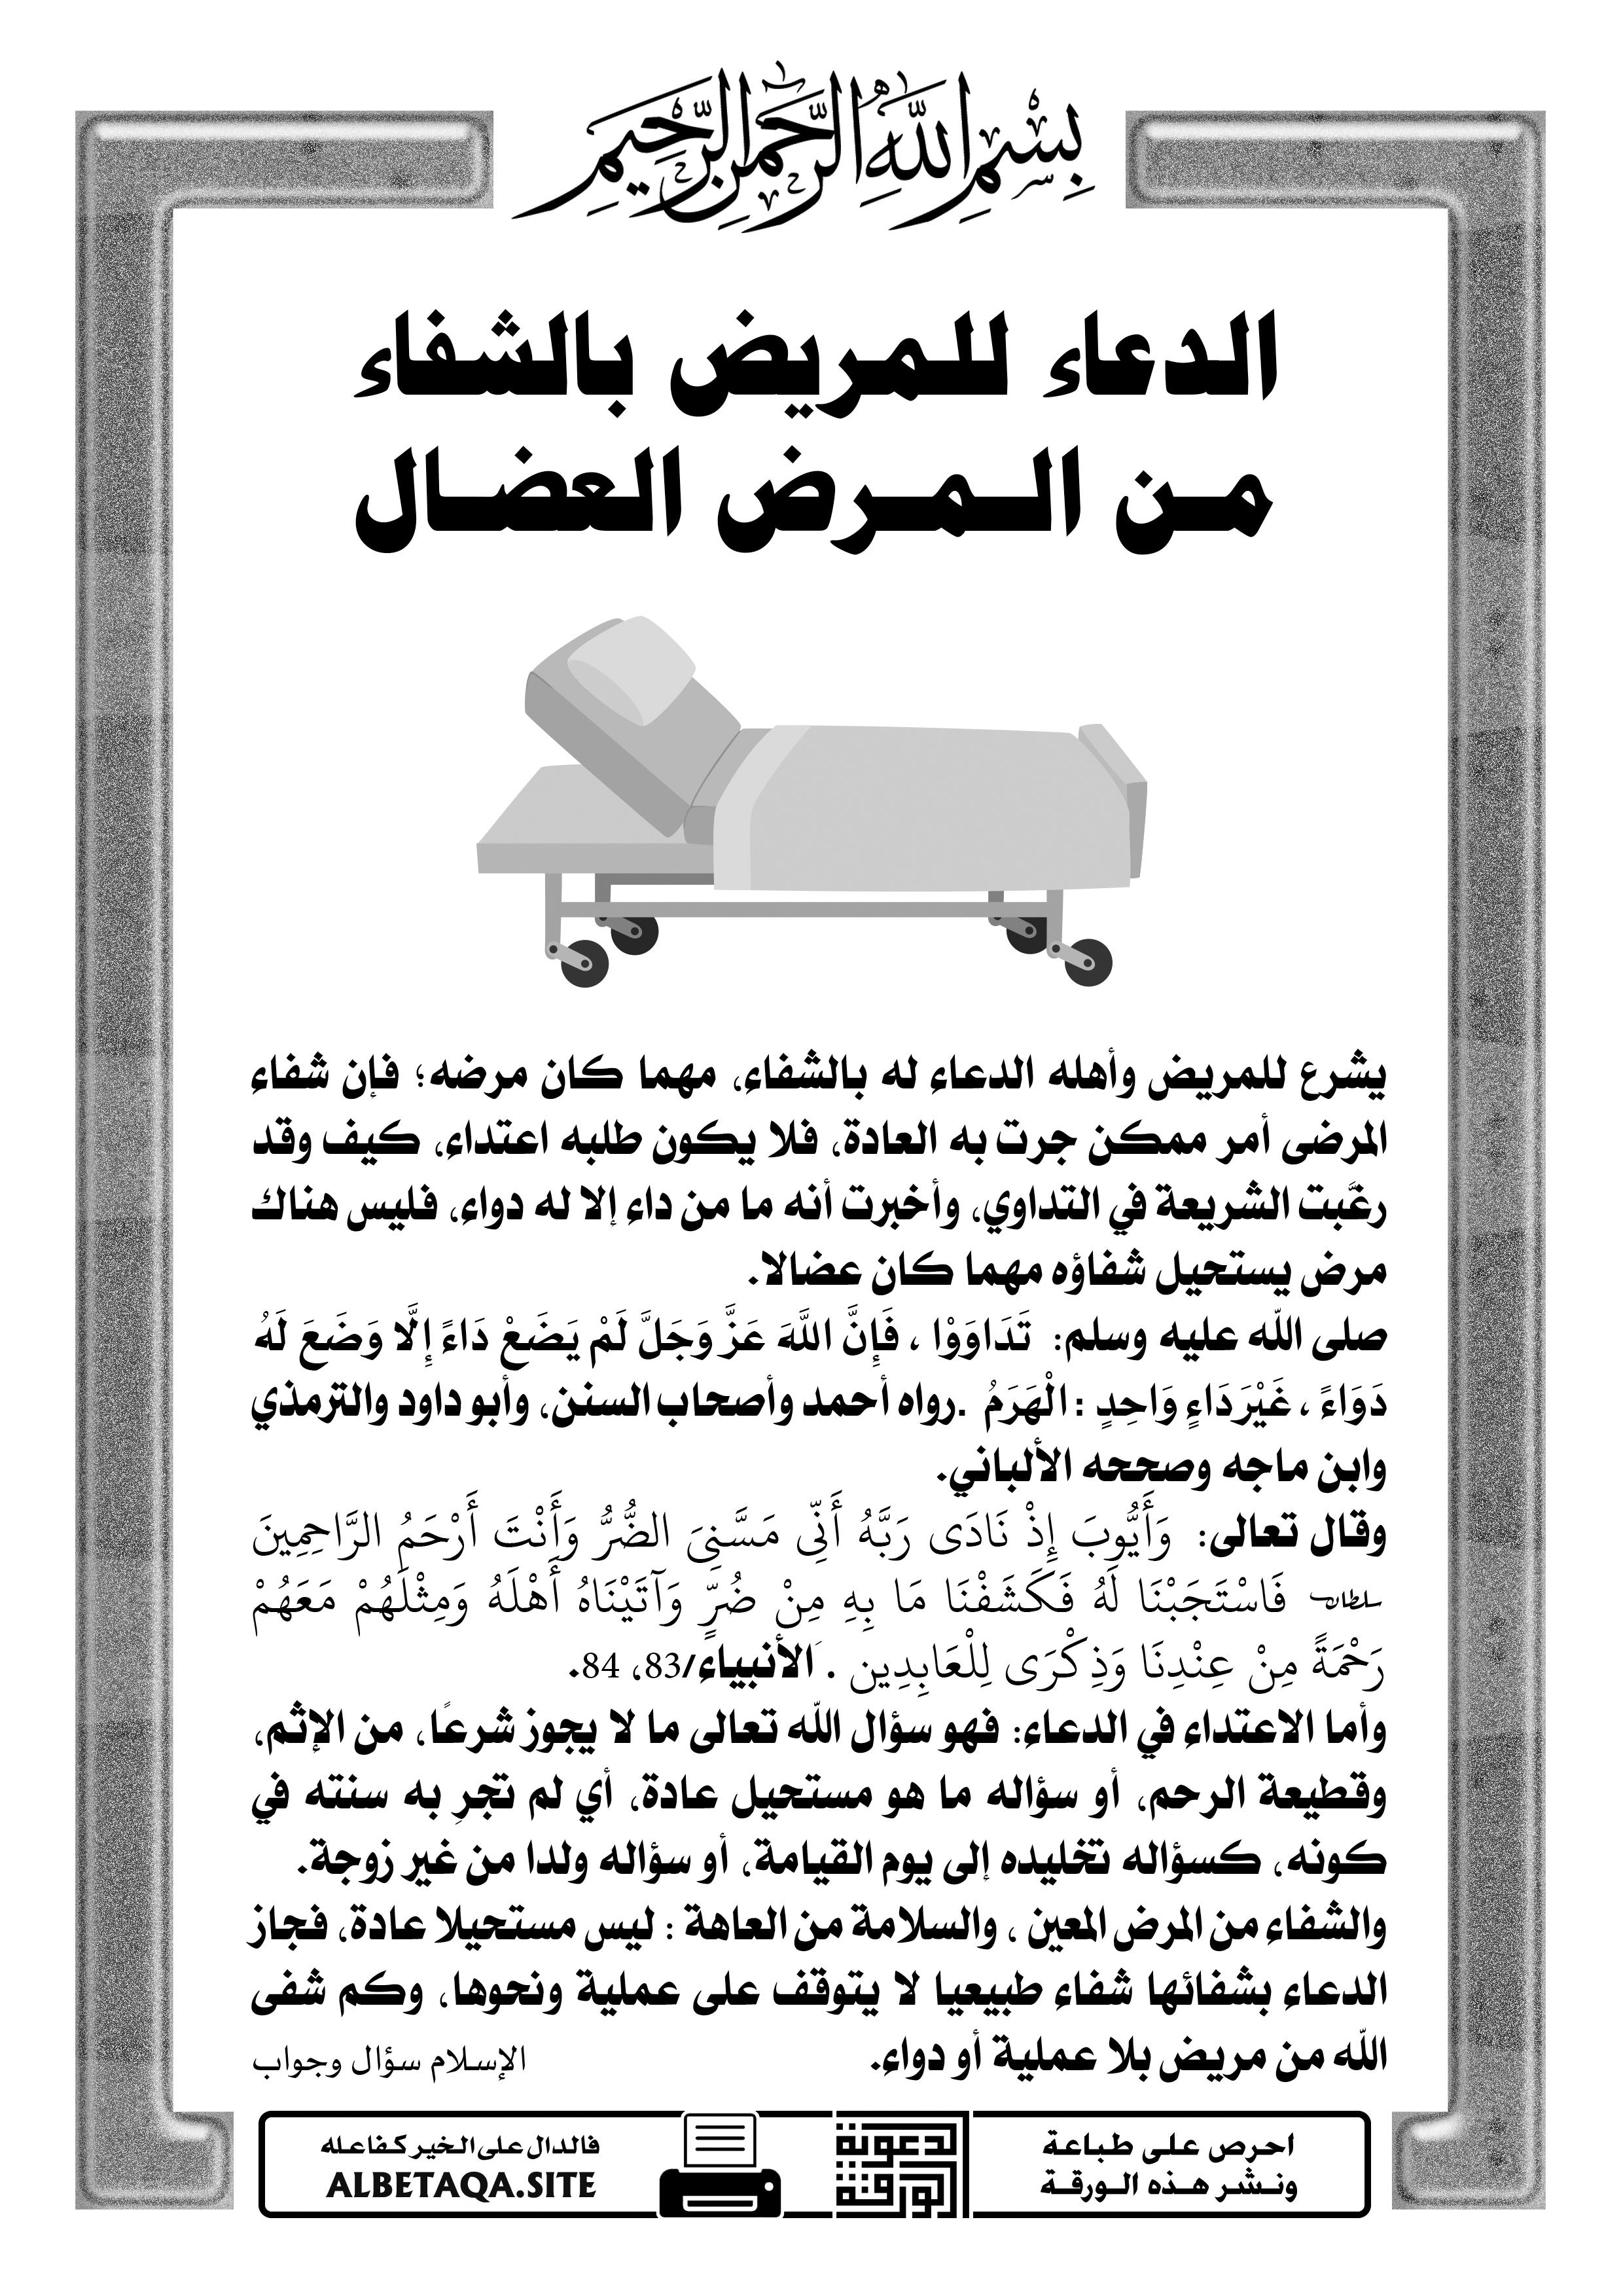 الدعاء للمريض بالشفاء من المرض العضال موقع البطاقة الدعوي